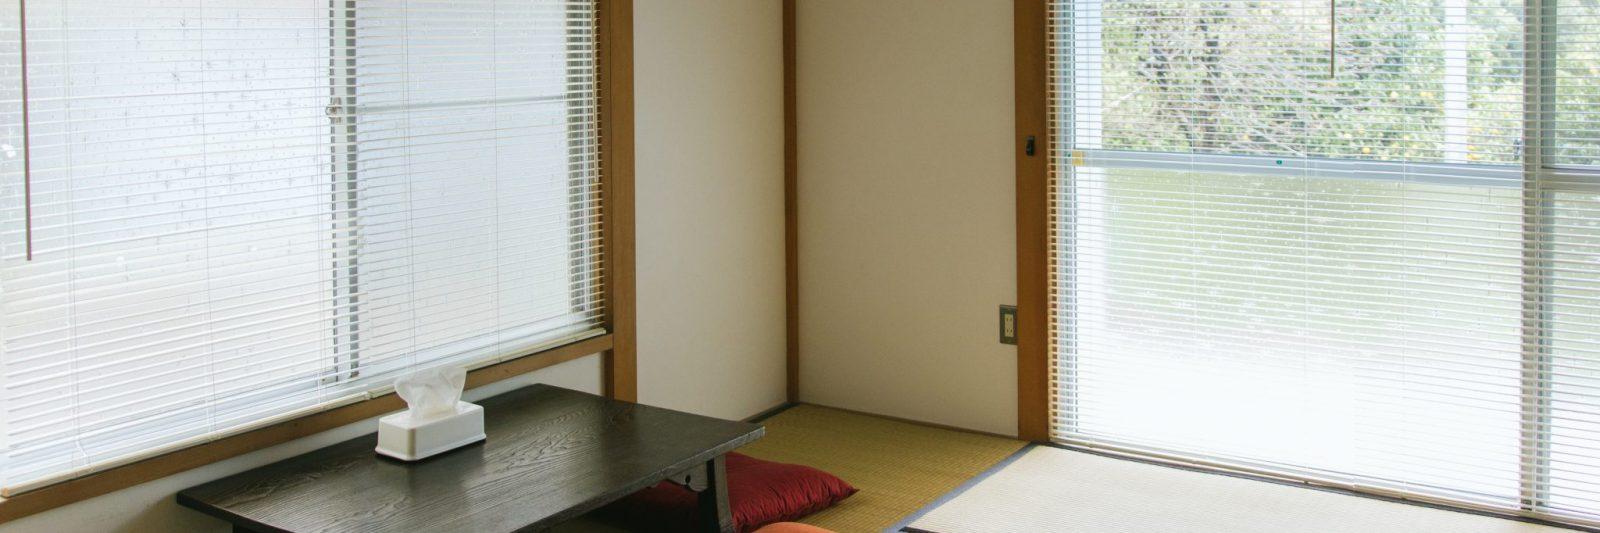 Japanese living room at coya cottage rental house shimoda